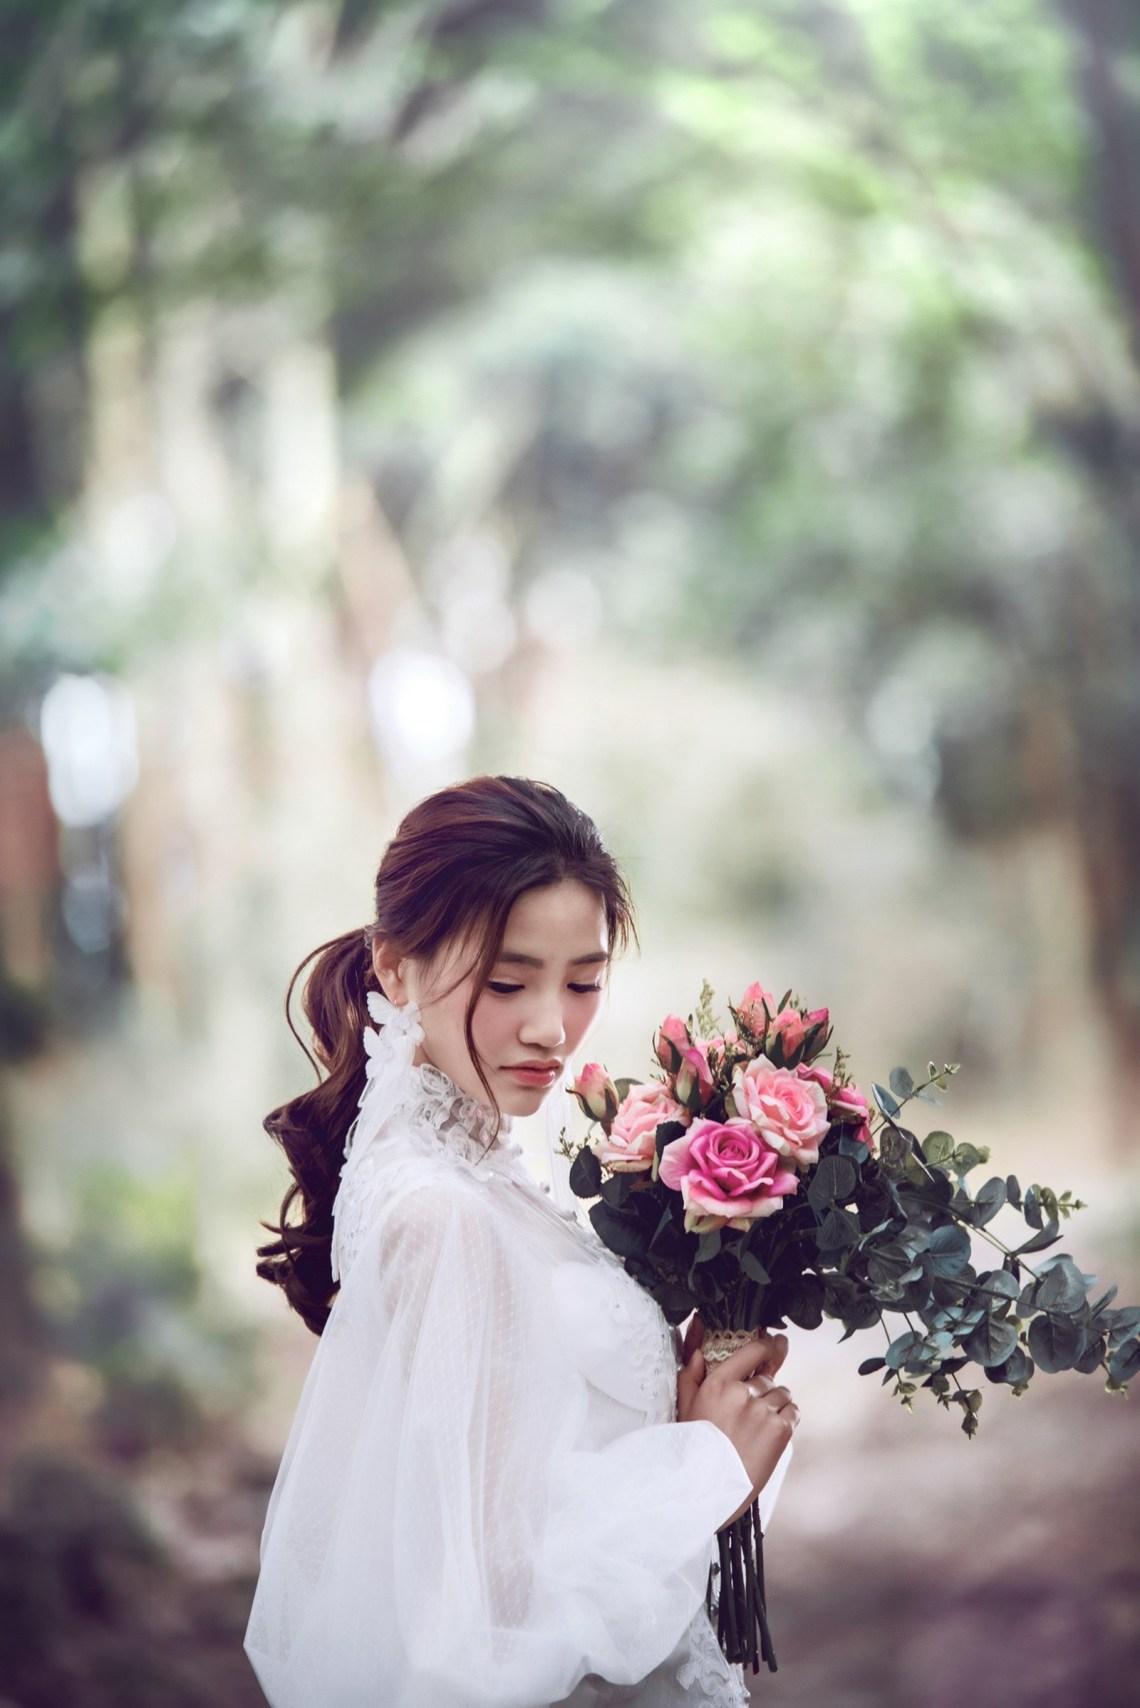 結婚式の写真の選択を教えるために6つのステップ